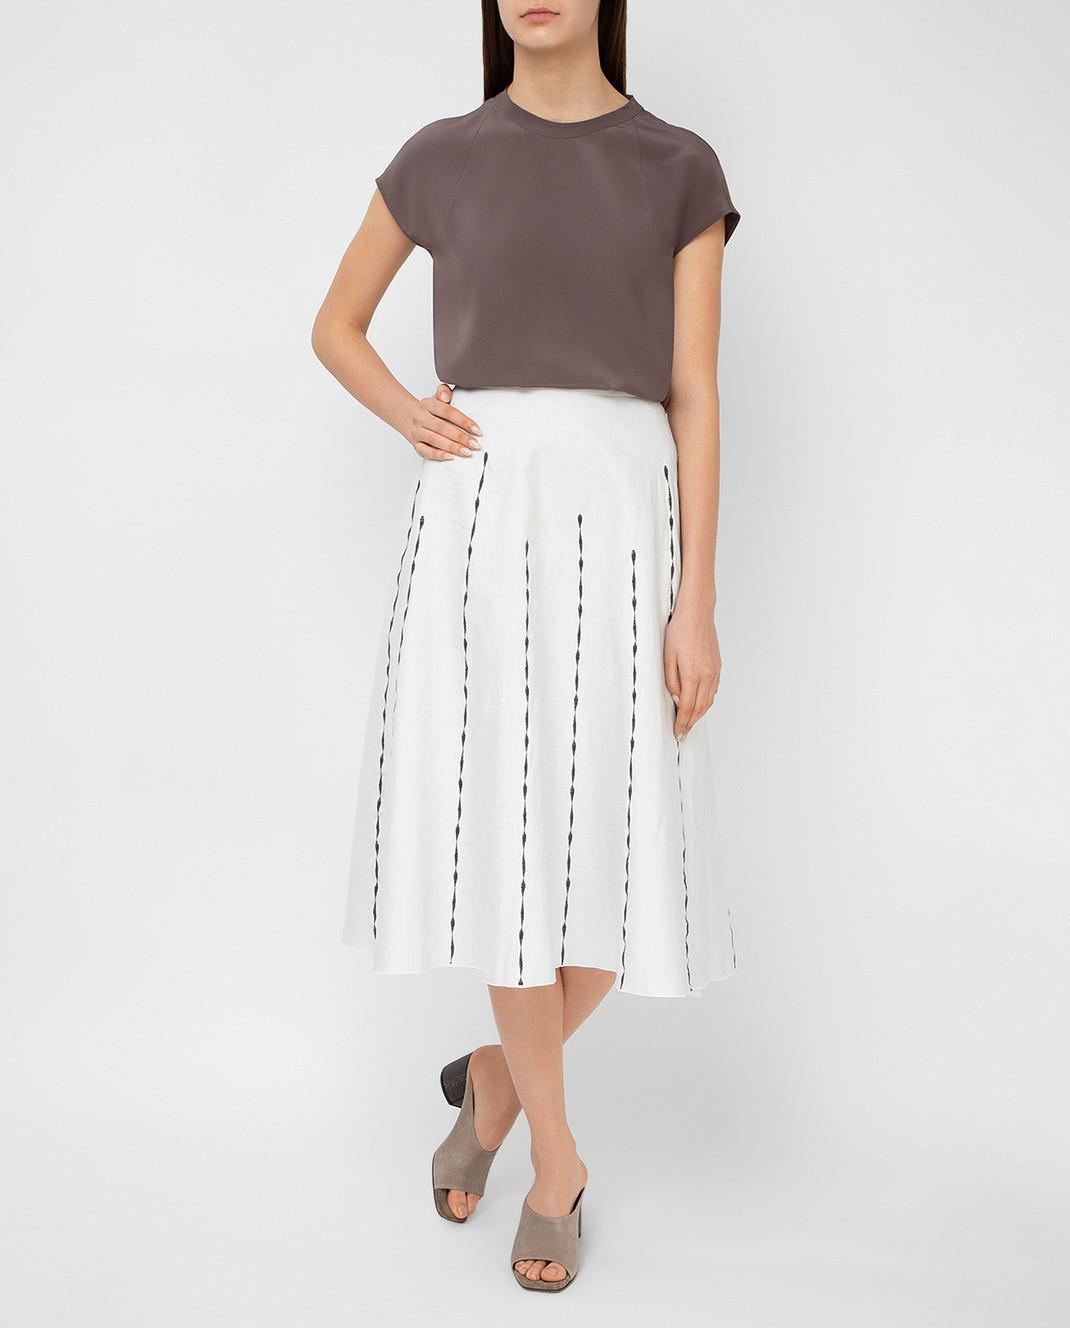 Bottega Veneta Светло-серая юбка 448808 изображение 2